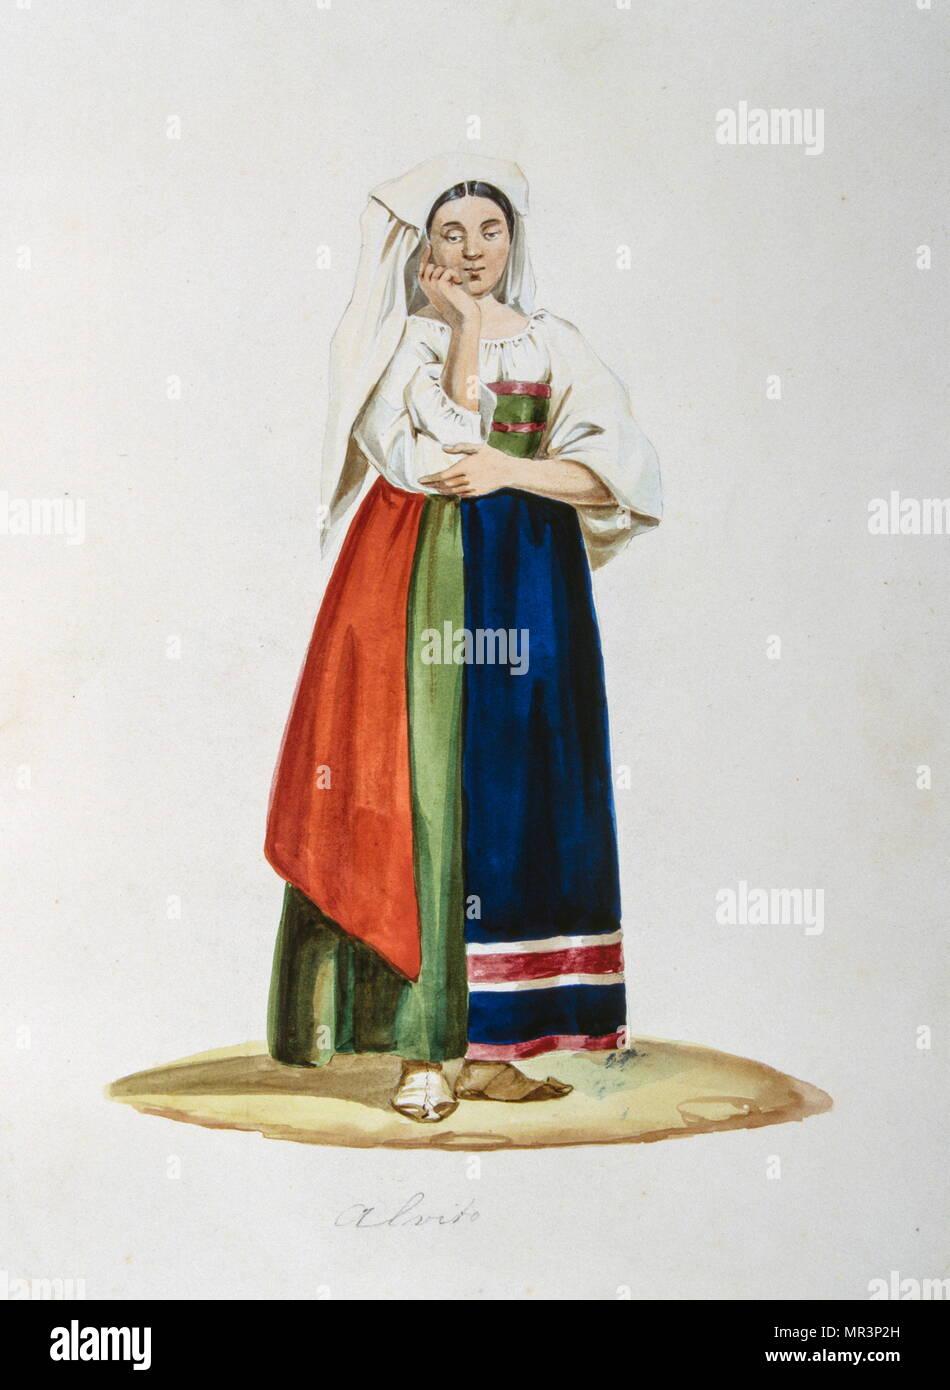 La pittura a tempera raffigurante un contadino italiano in costume tradizionale. Circa 1850 Foto Stock